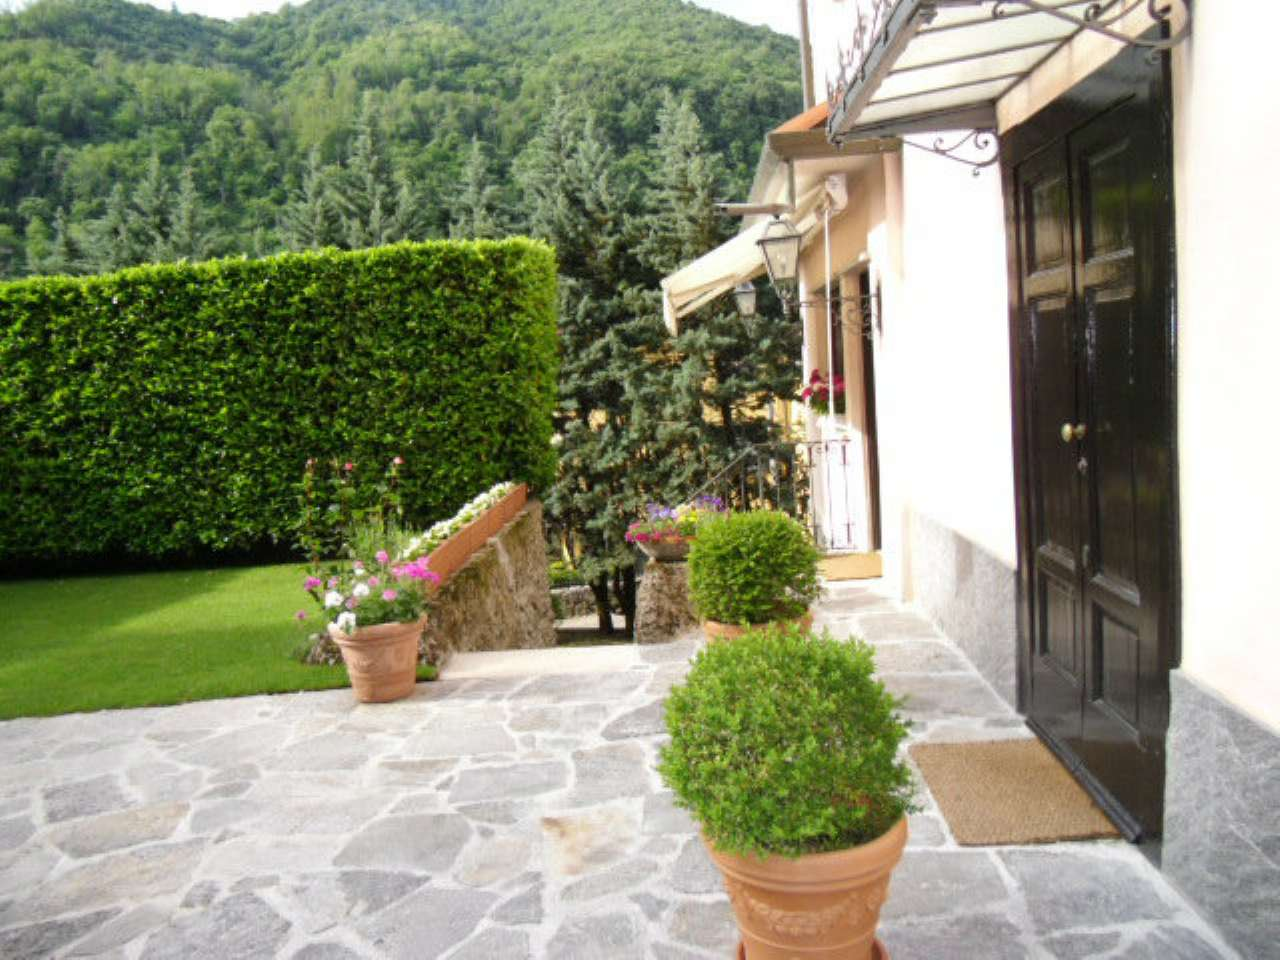 Villa Bifamiliare in vendita a Induno Olona, 19 locali, prezzo € 510.000 | CambioCasa.it